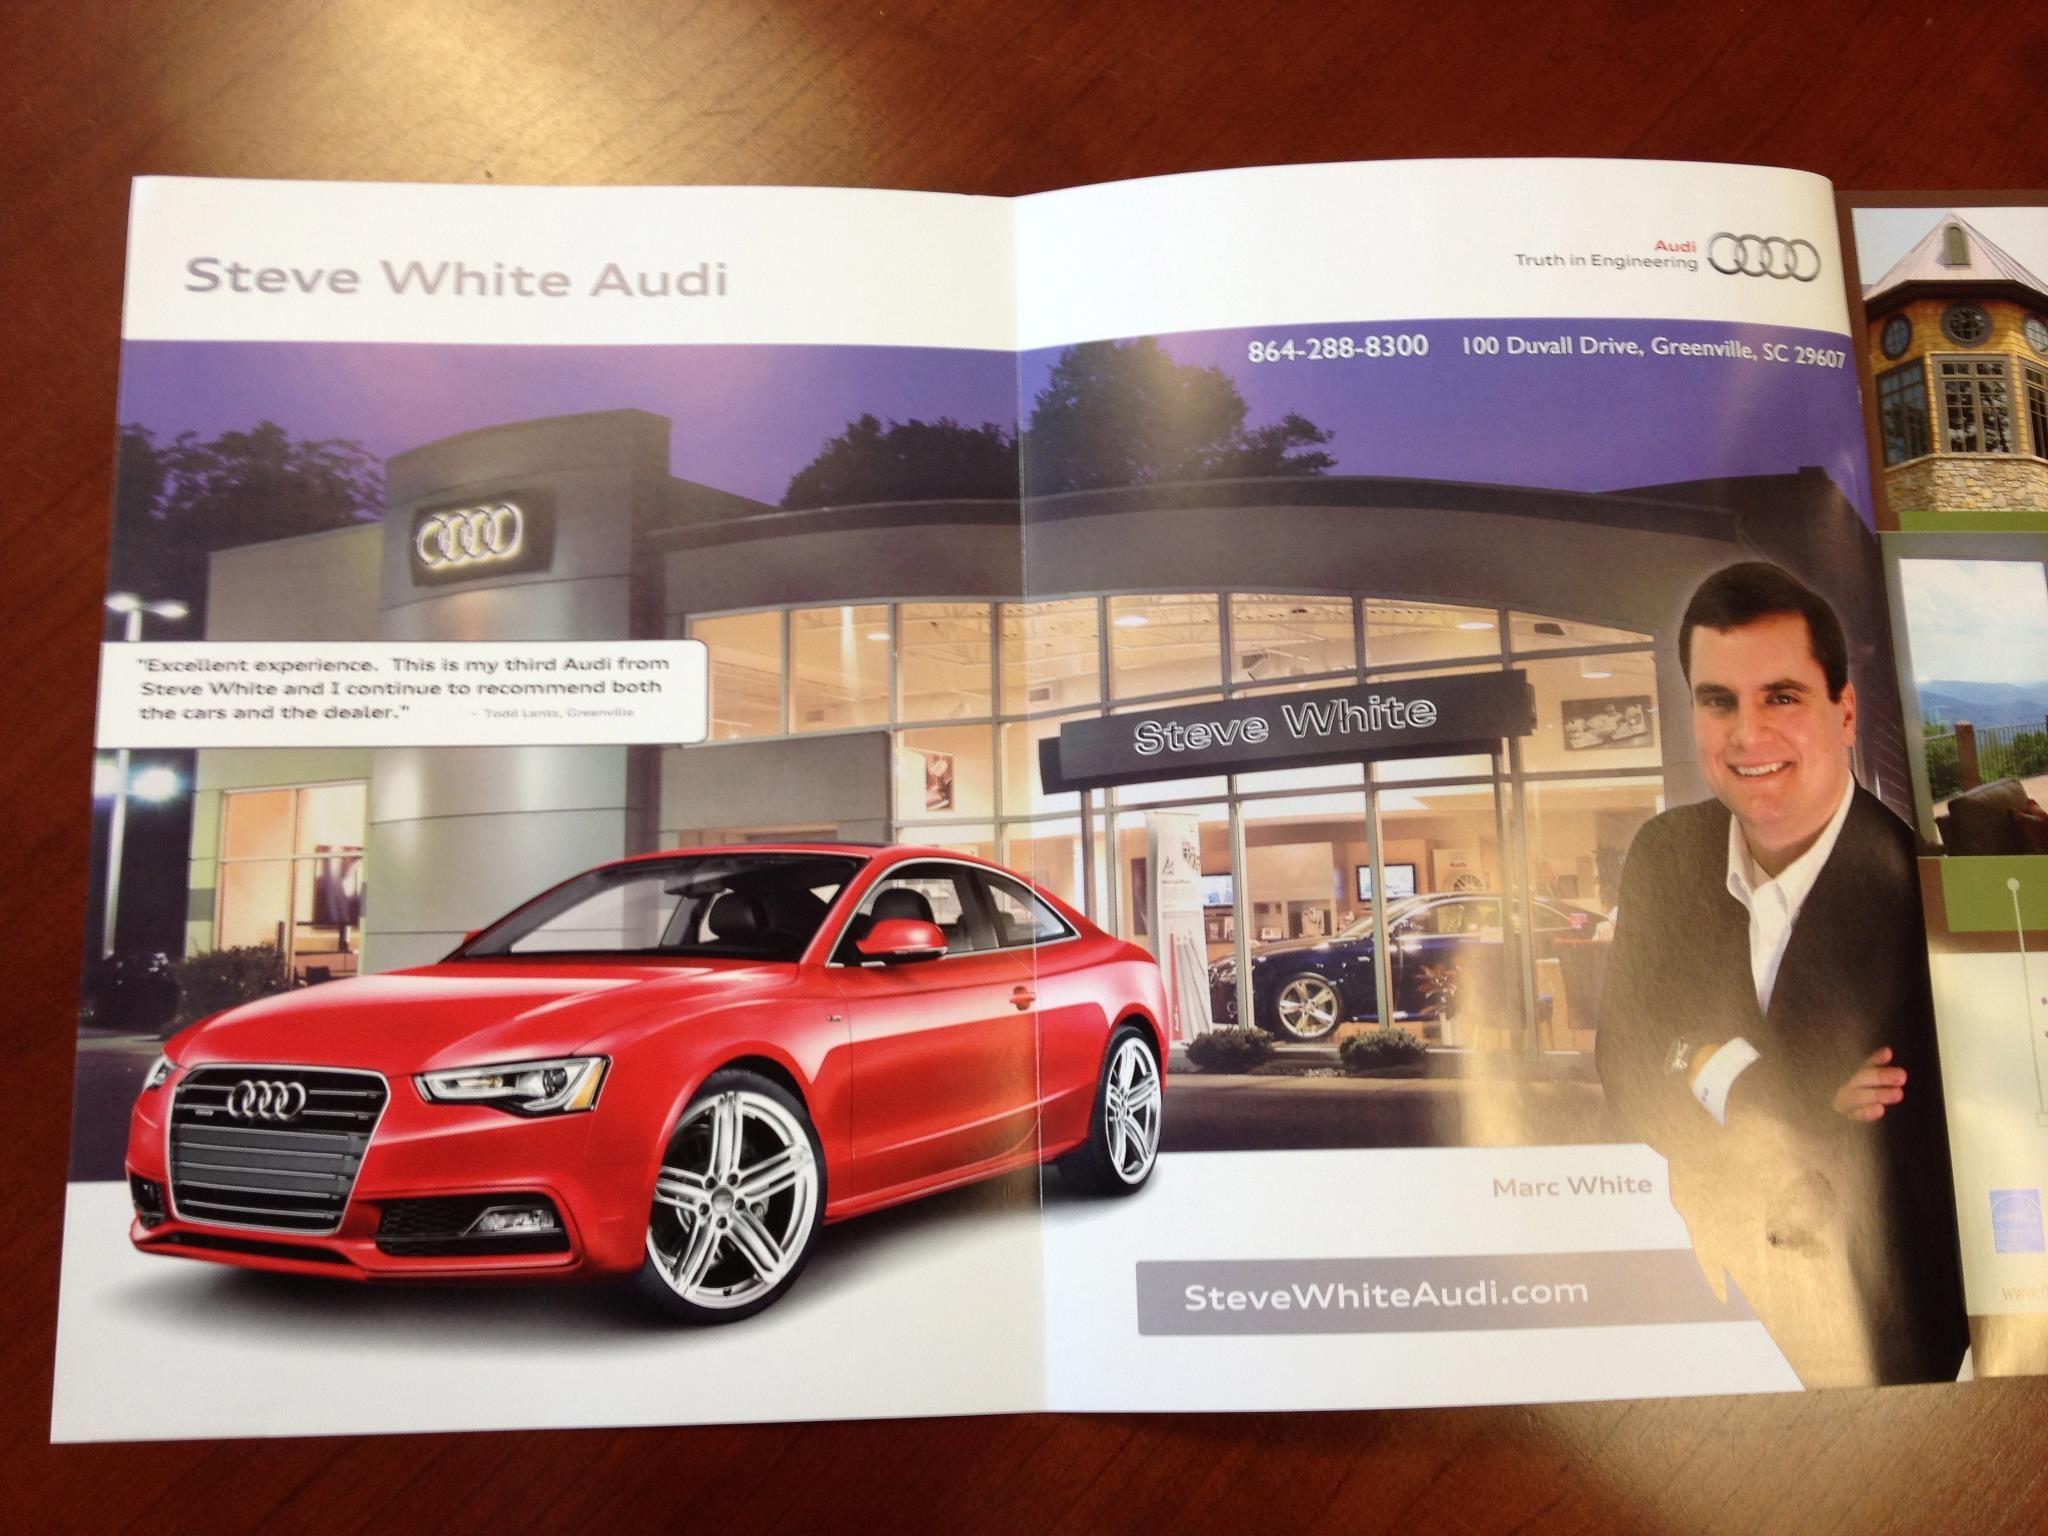 Steve White Vw >> Talk Magazine Cover Spread For Steve White Audi Vw Joes